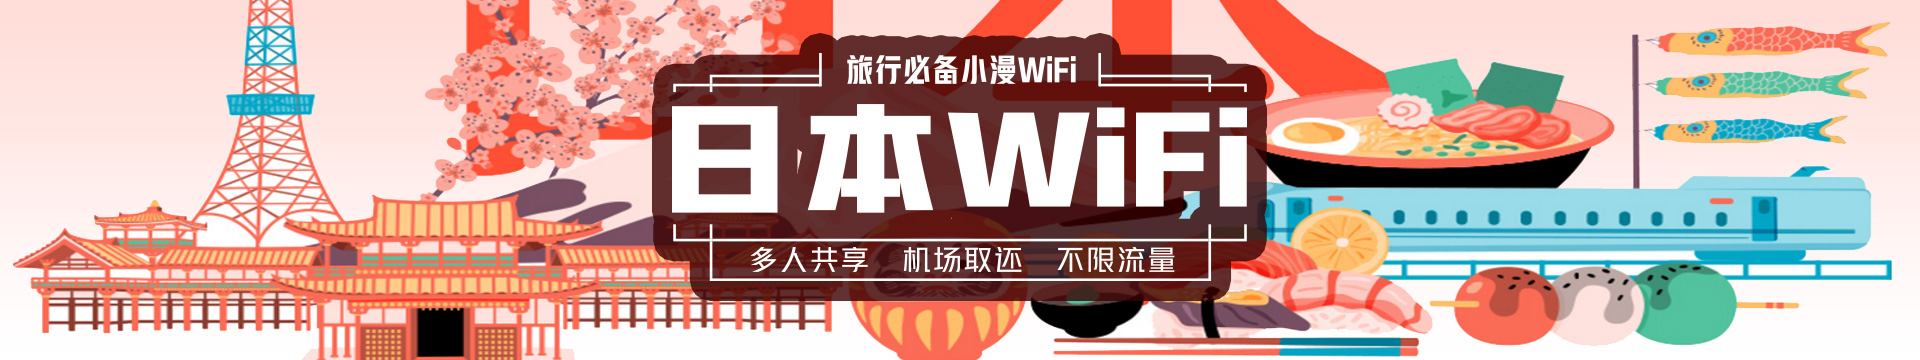 日本WIFI,日本WIFI